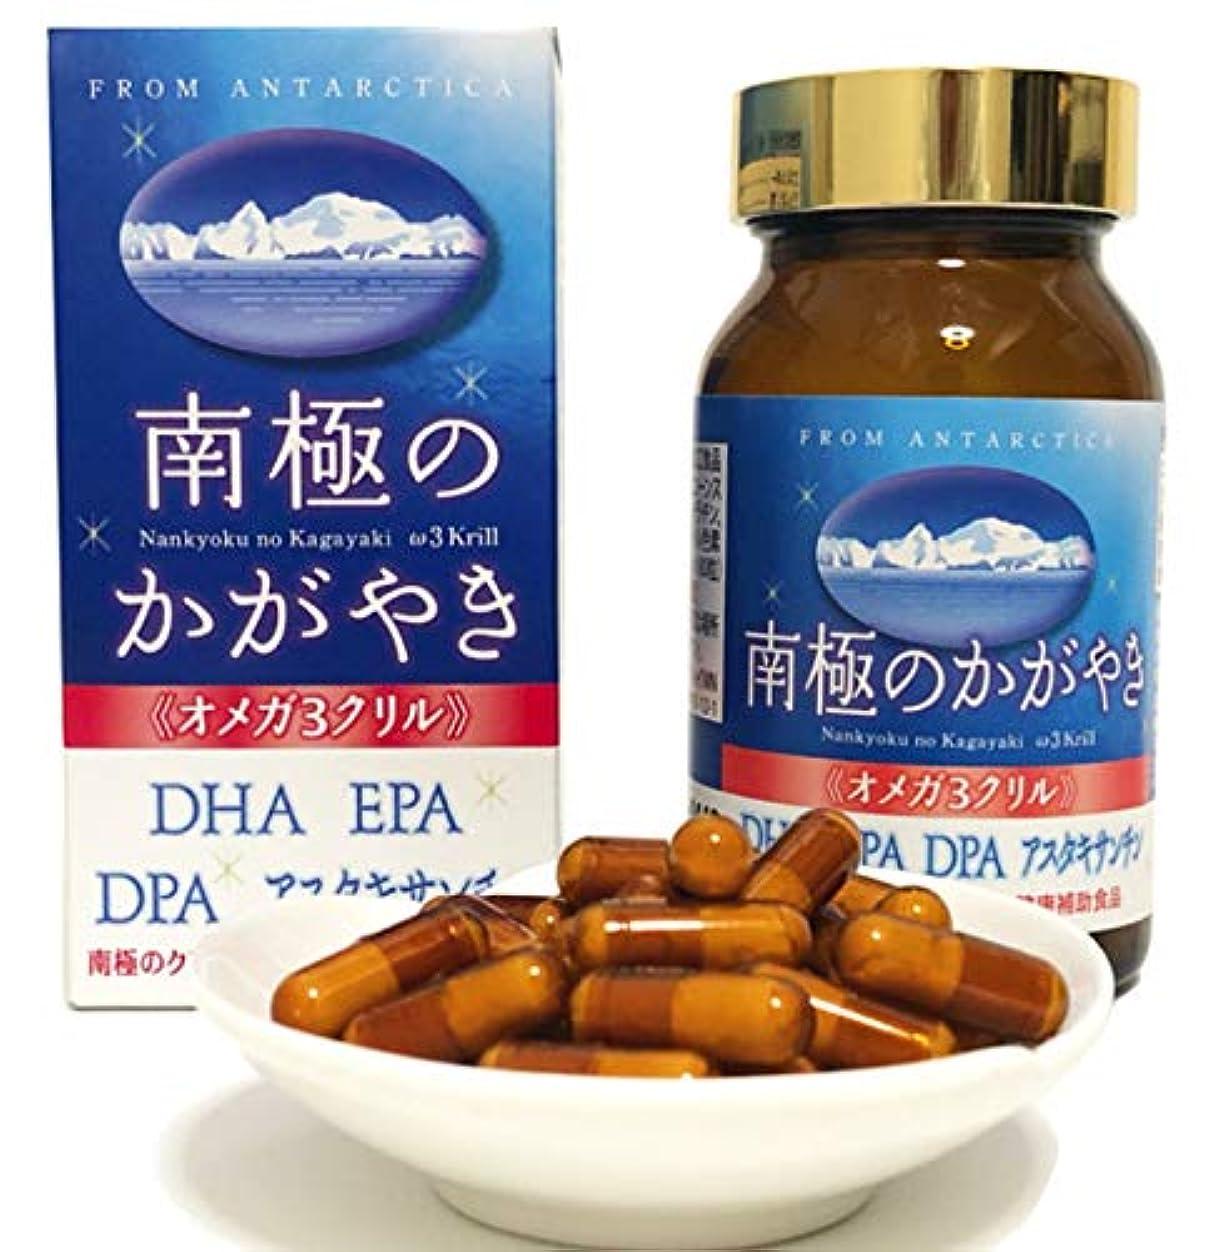 記録返還けん引南極のかがやき クリルオイル オメガ3 脂肪酸 サプリメント オキアミ DHA EPA DPA アスタキサンチン 80粒